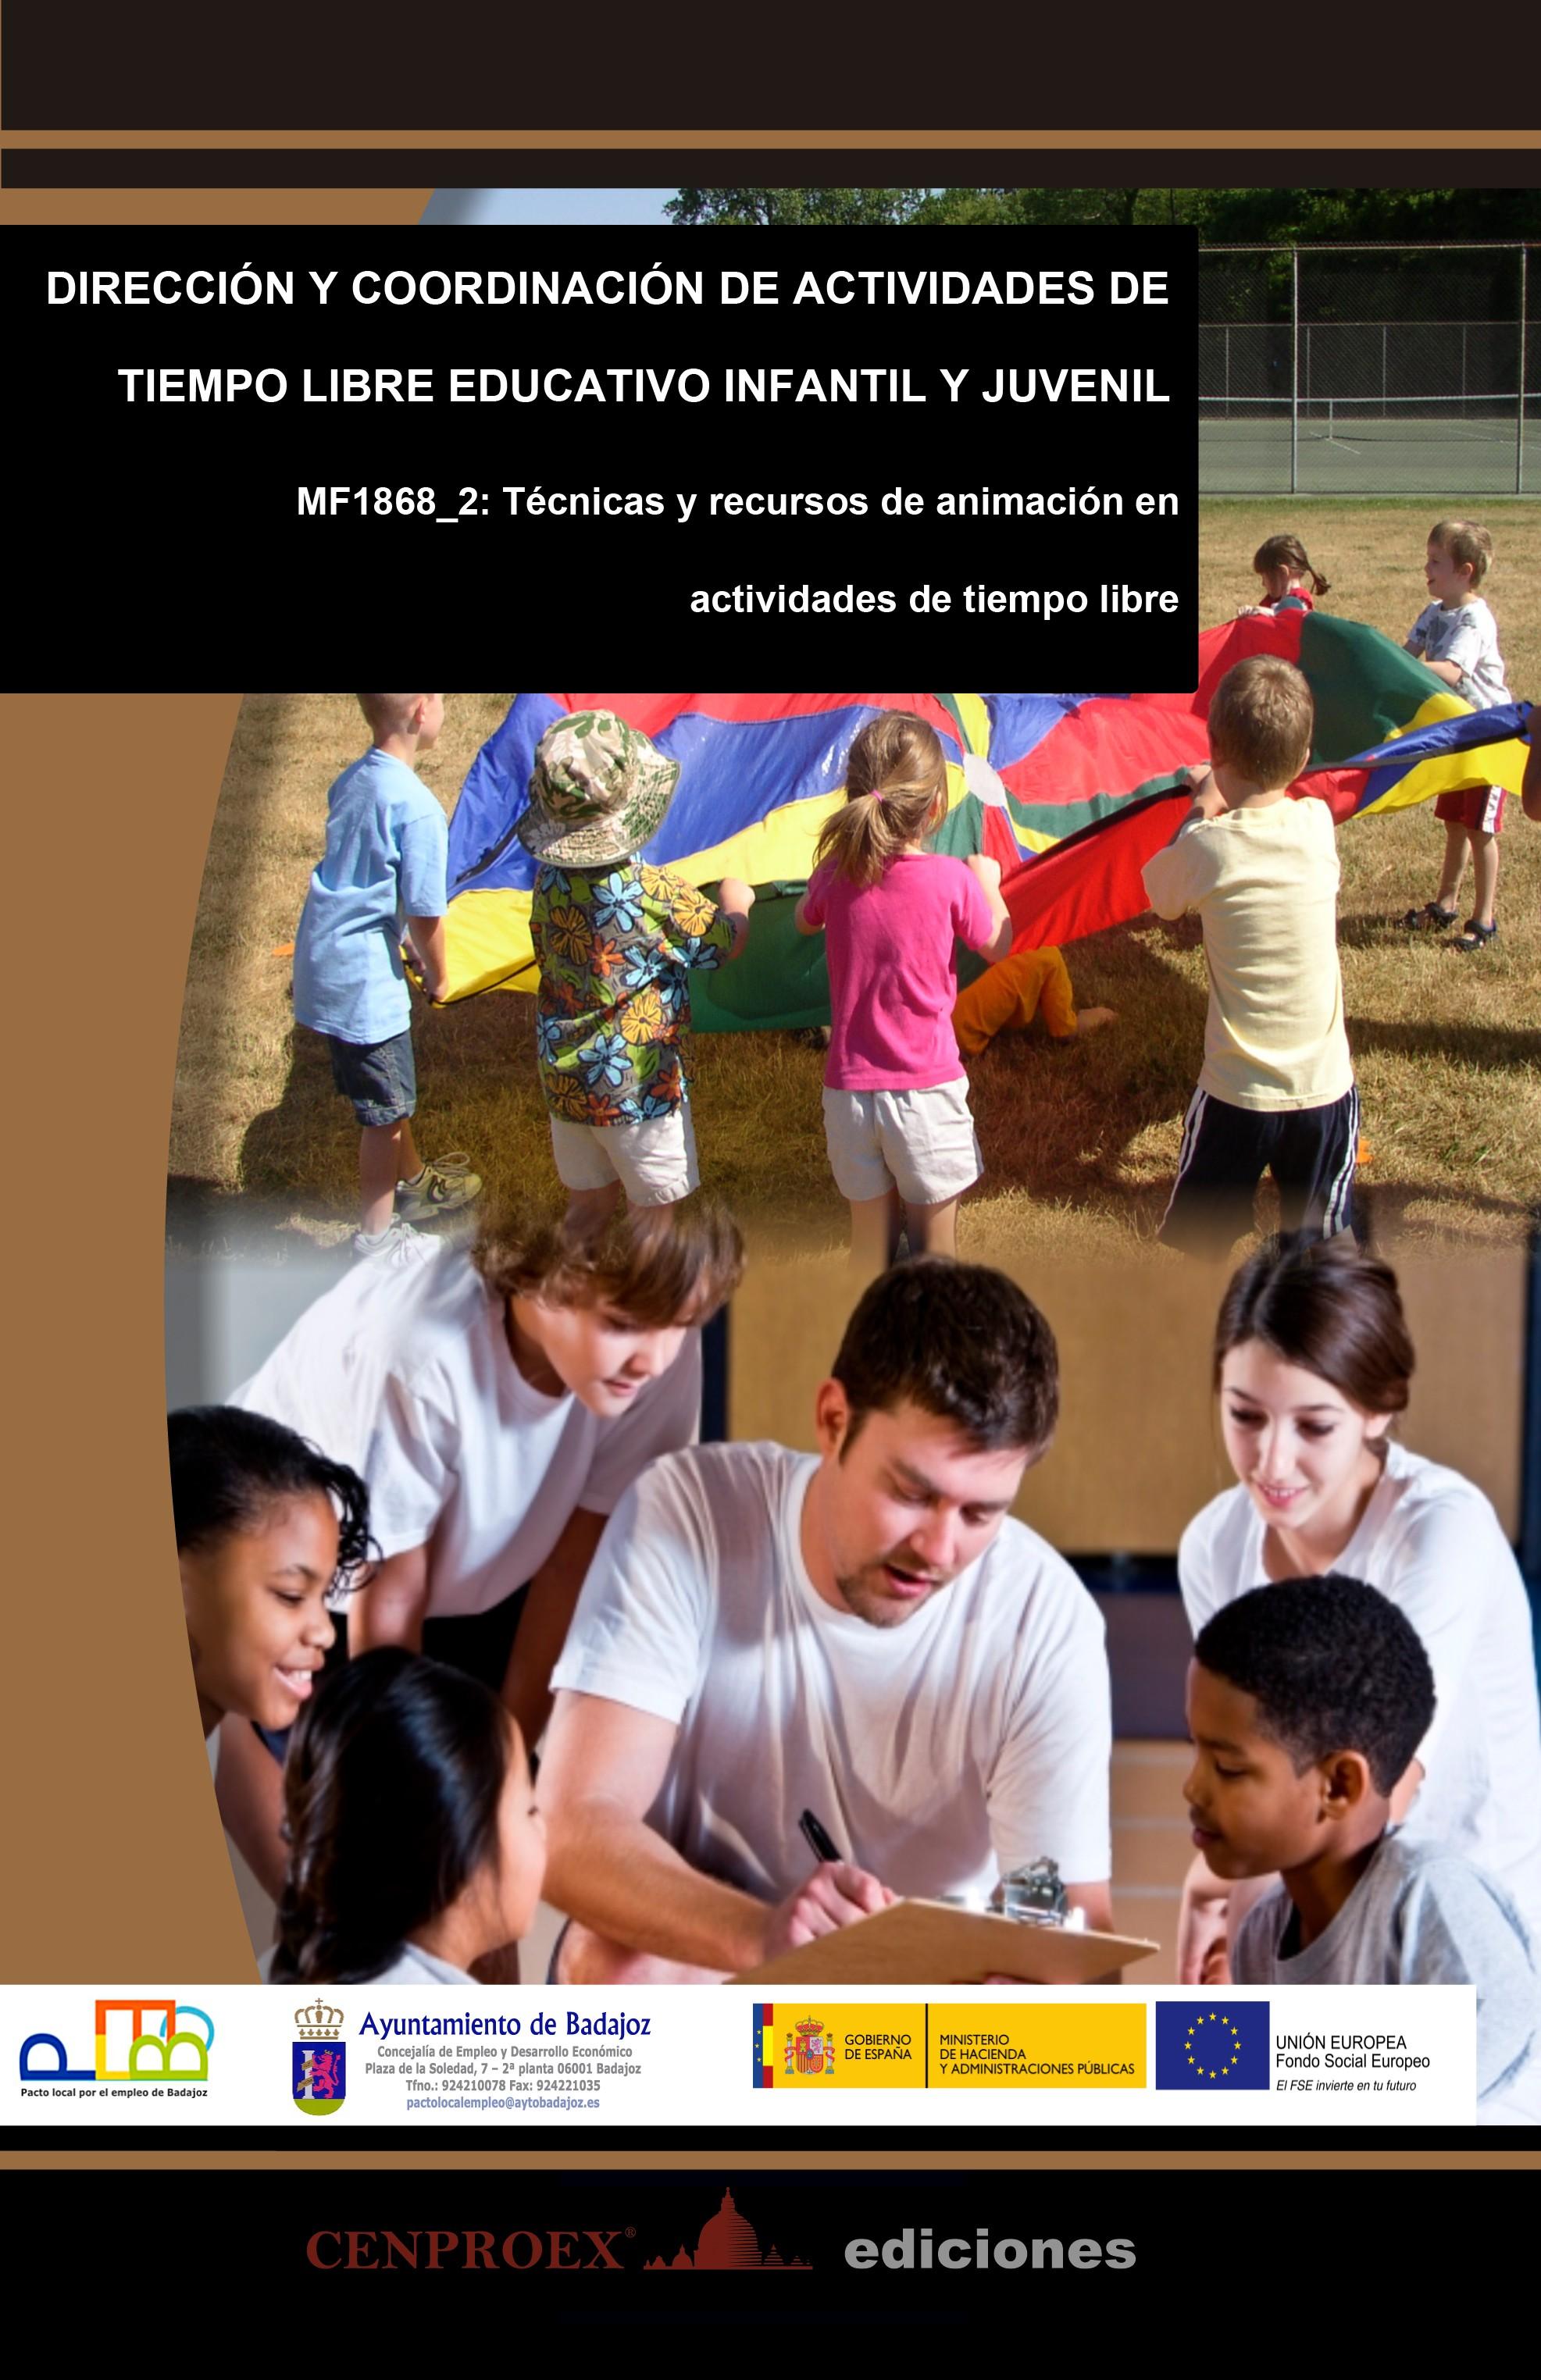 103. Dirección y Coordinación de Actividades de Tiempo Libre Educativo Infantil y Juvenil